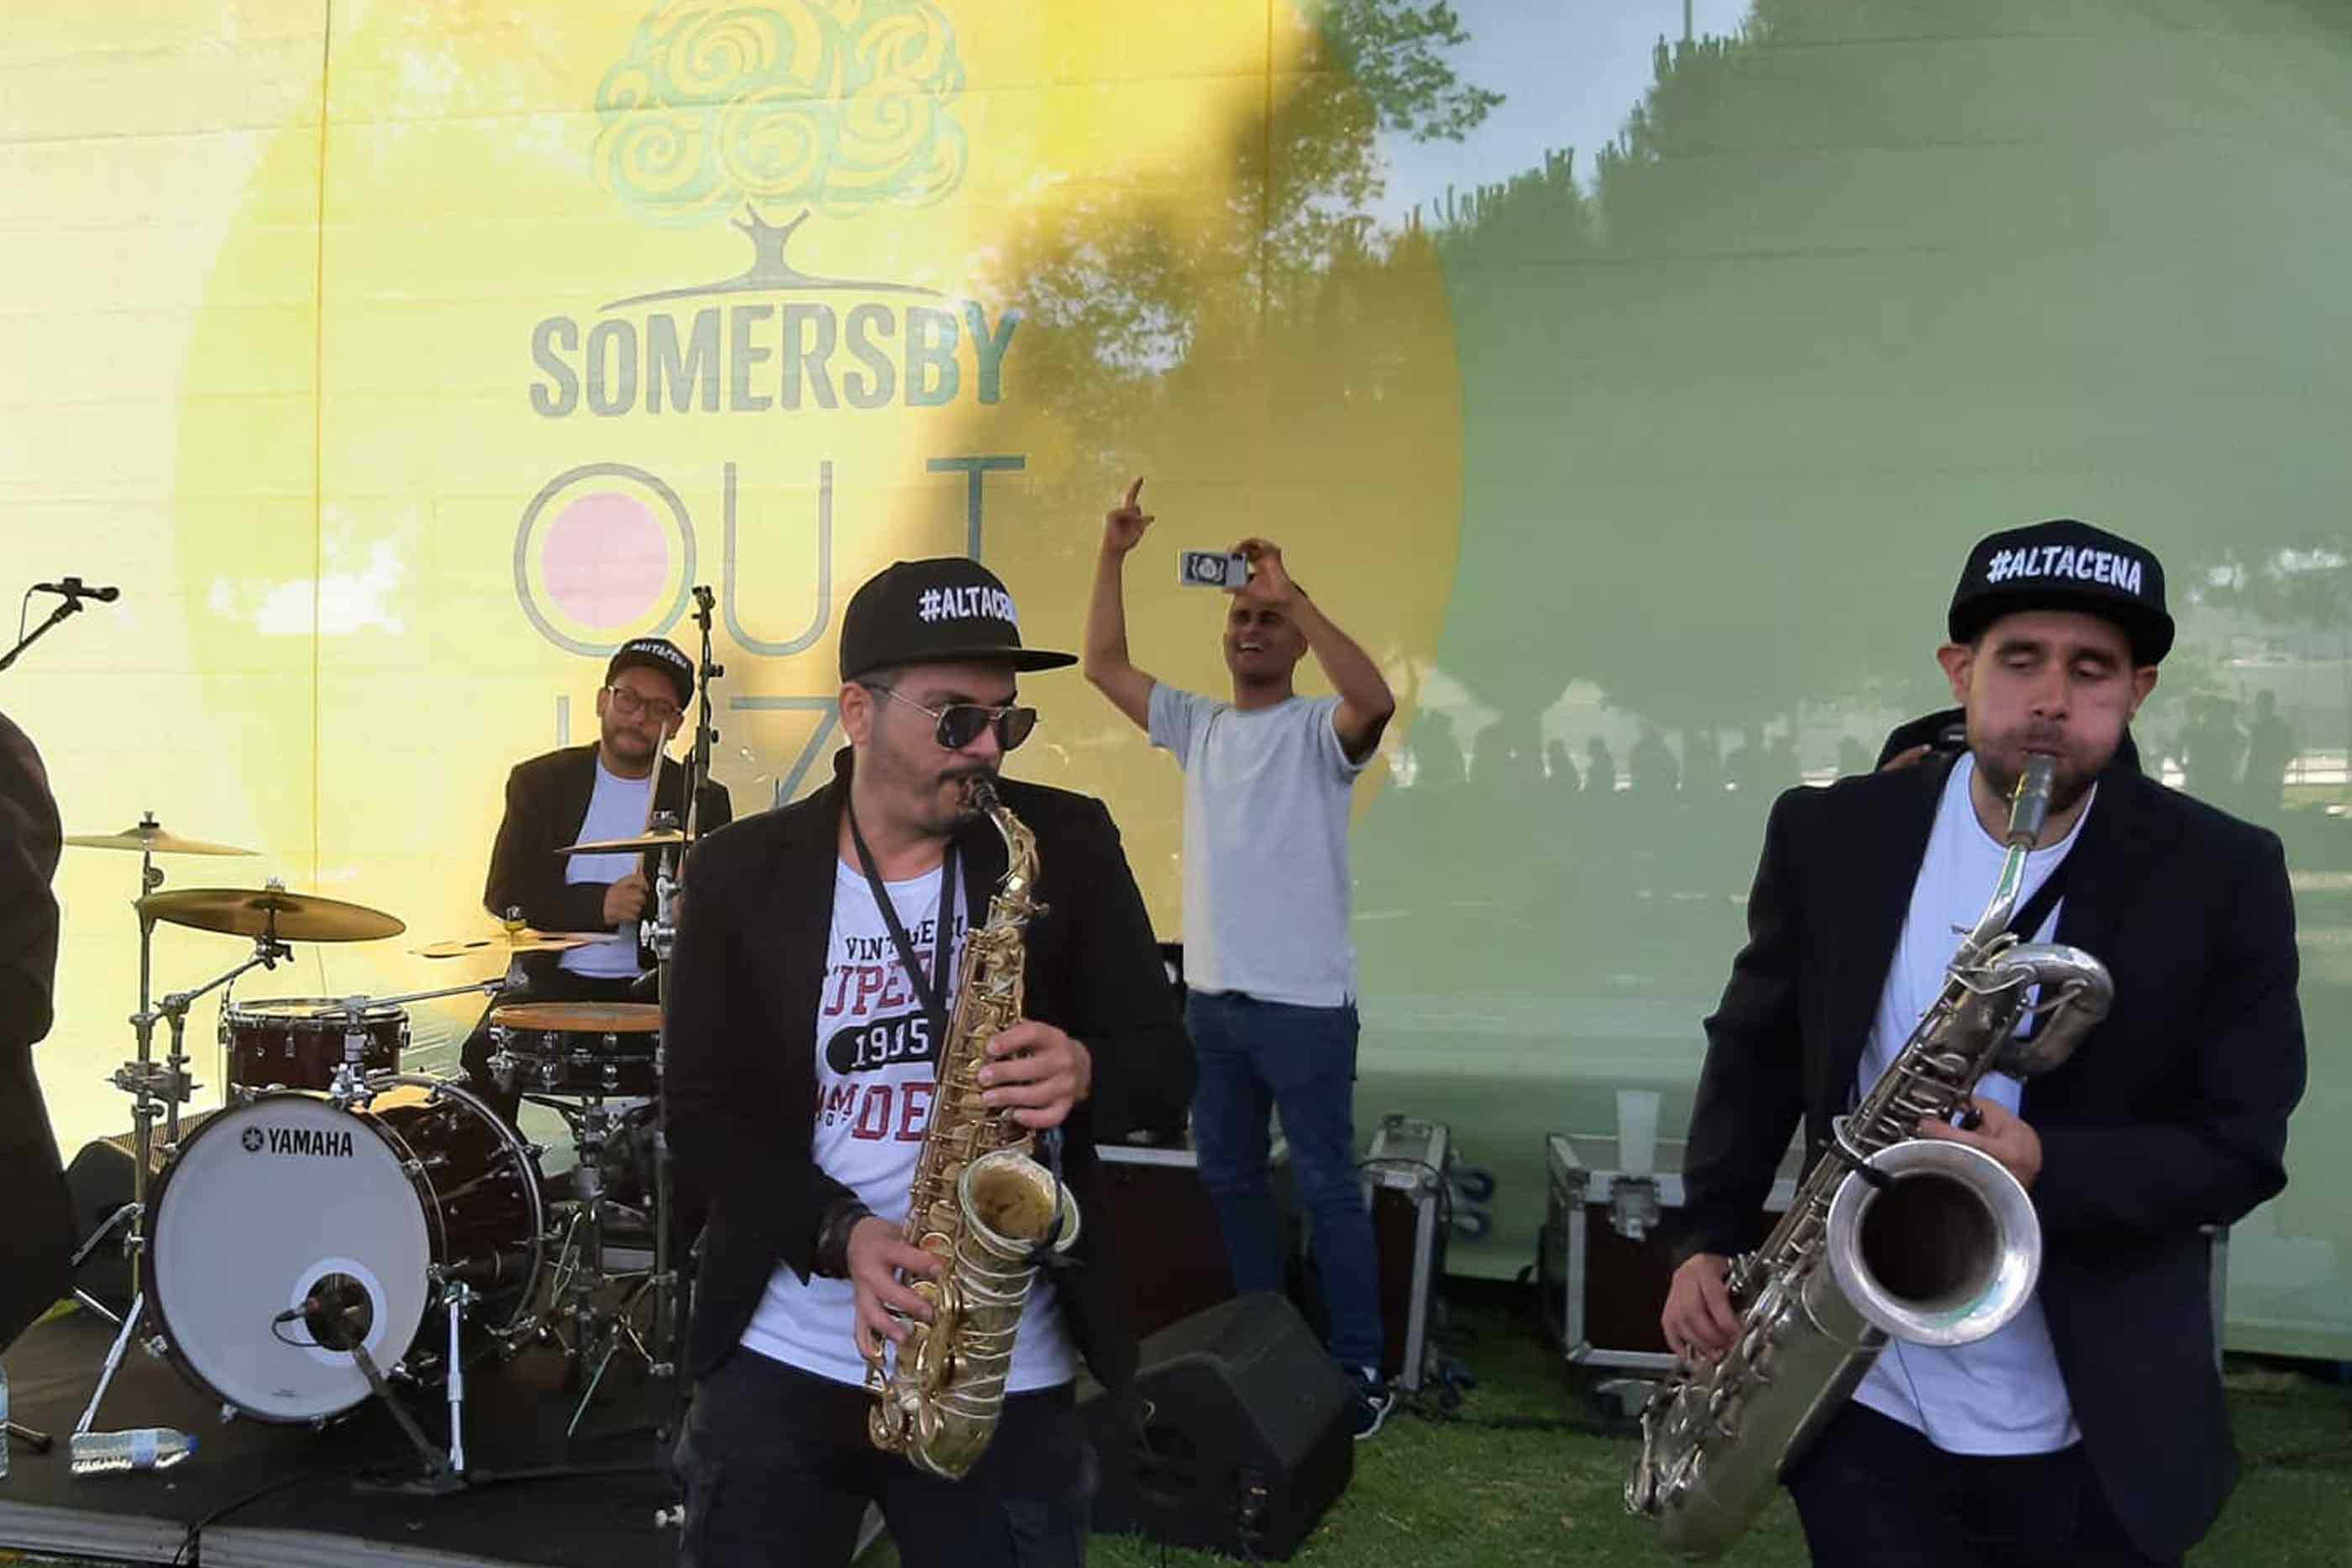 Artistas da banda de Jazz #Altacena atua no palco do Somersby OutJazz 2019, no dia 19 de Maio nos Jardins de Belém.